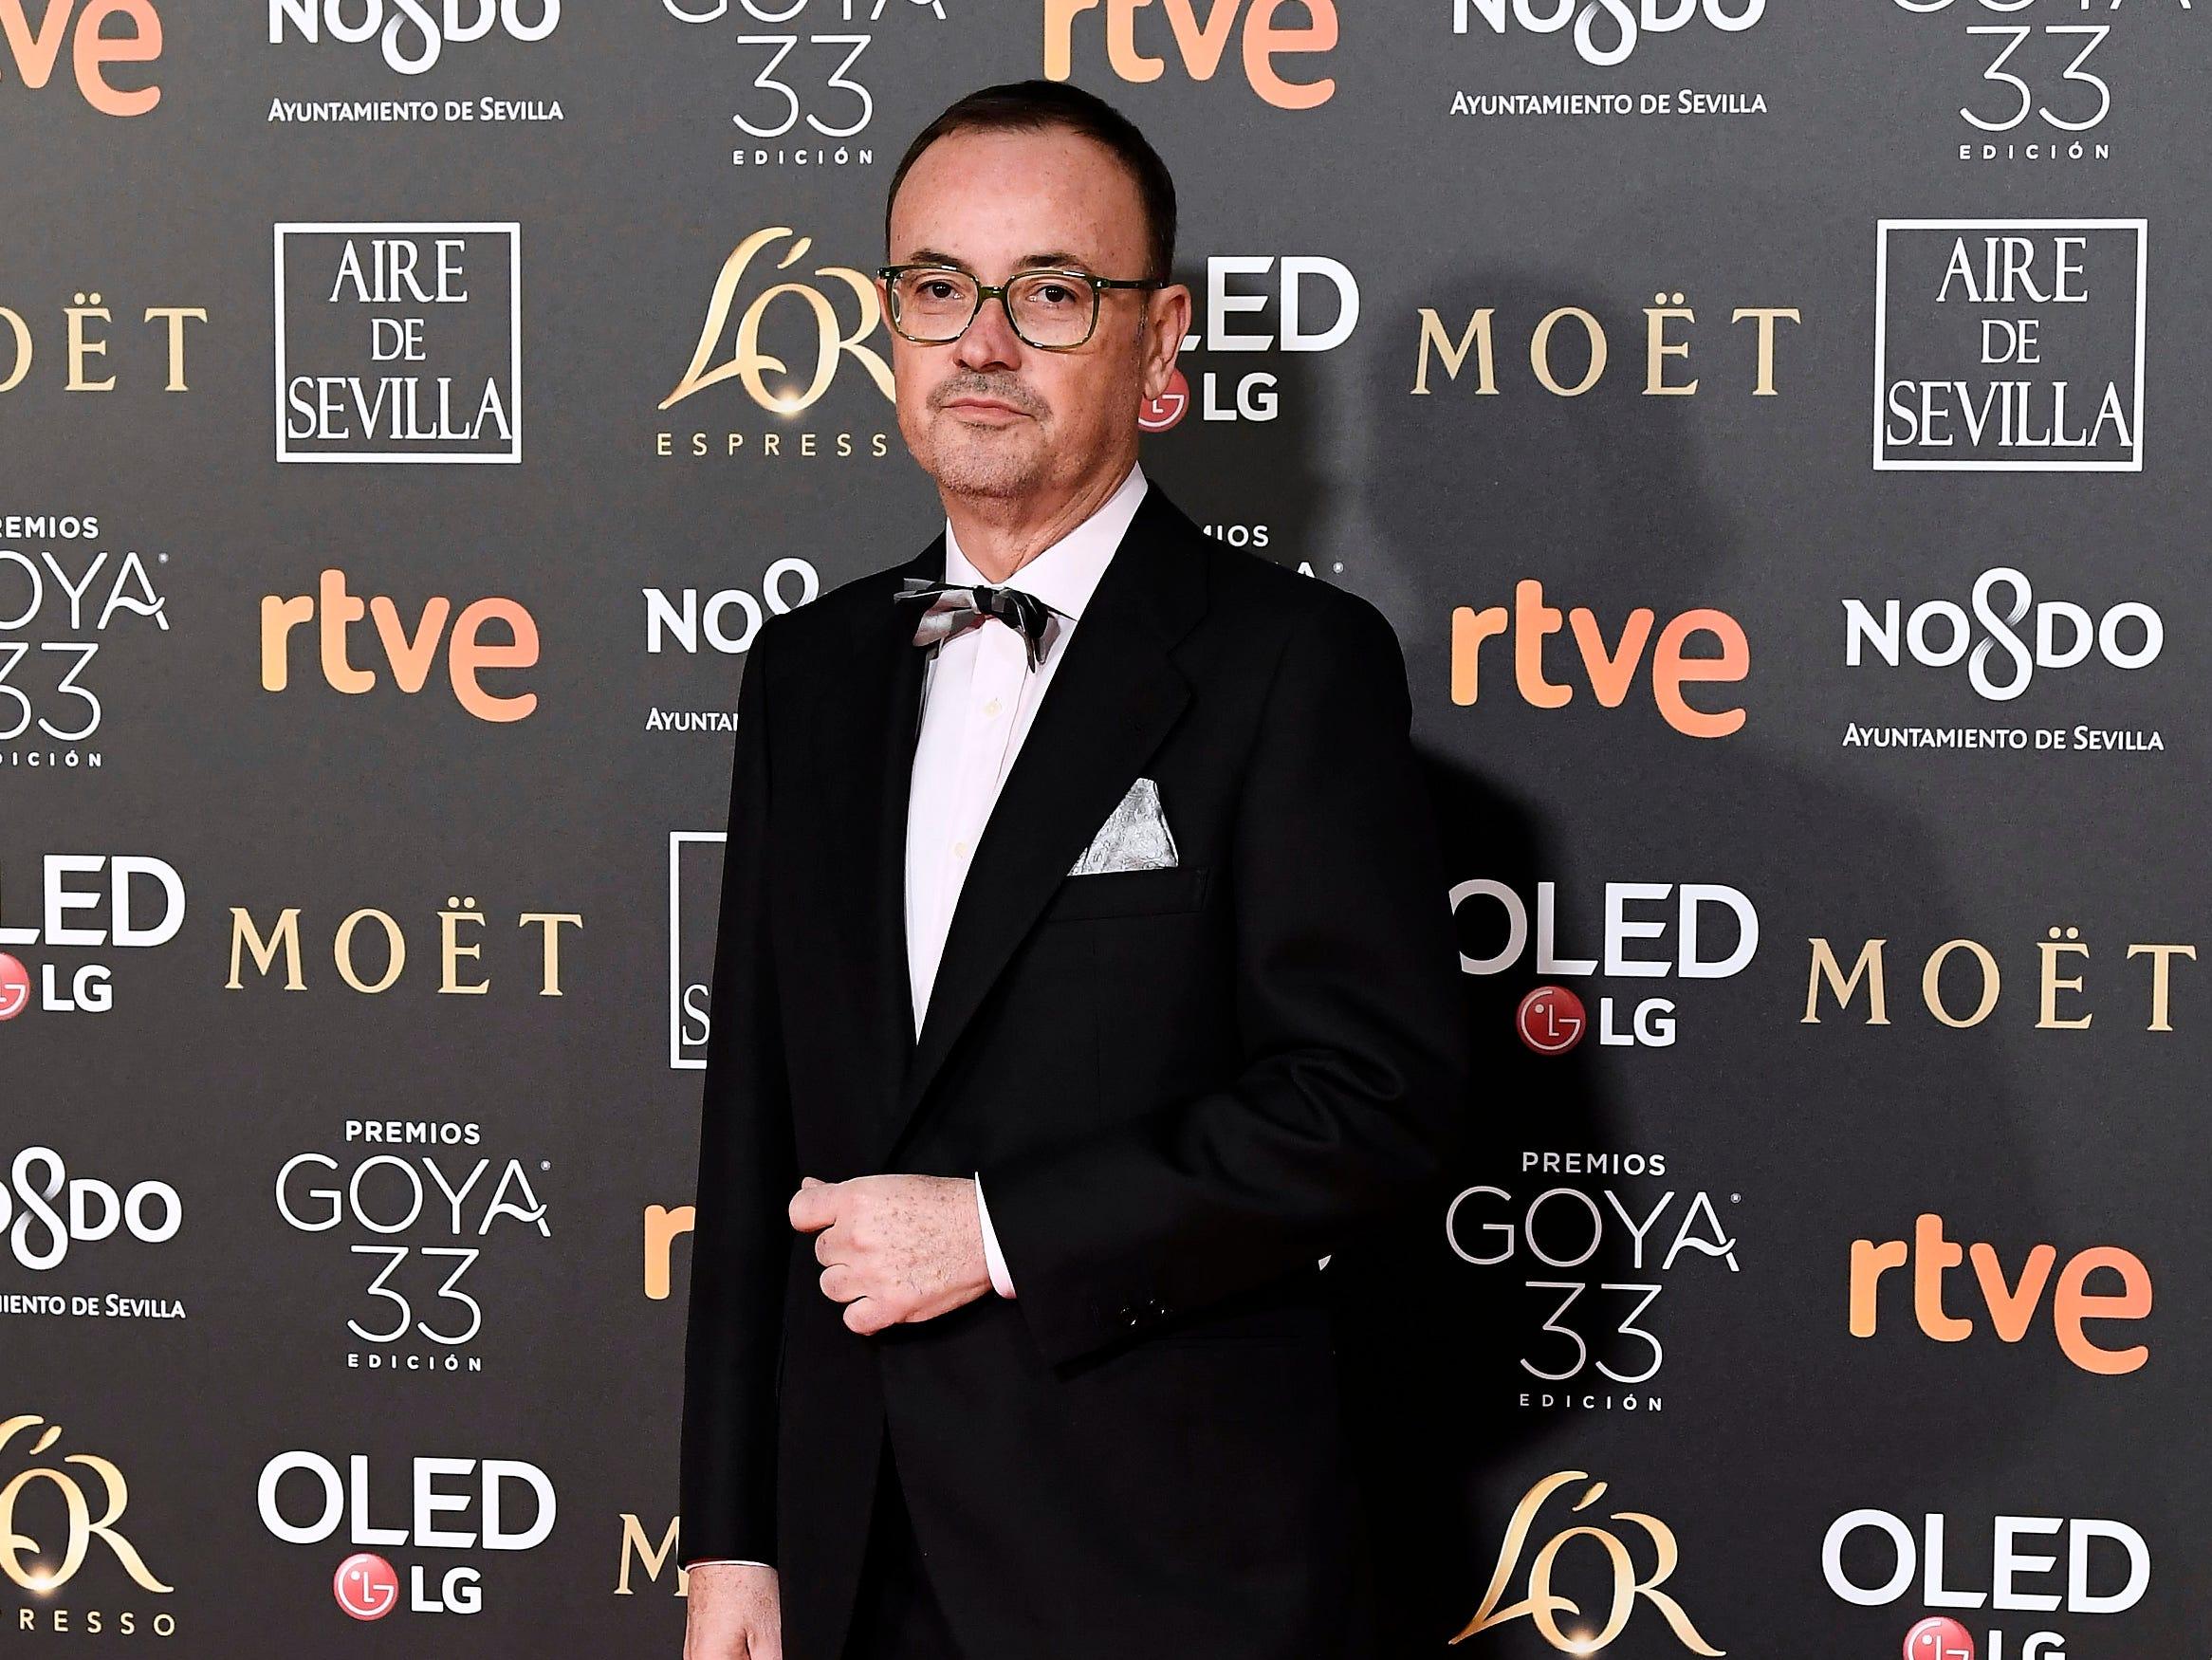 Director 3 asiste a la 33ª edición de los Premios de Cine Goya en el Palacio de Congresos y Exposiciones FIBES el 2 de febrero de 2019 en Sevilla, España.